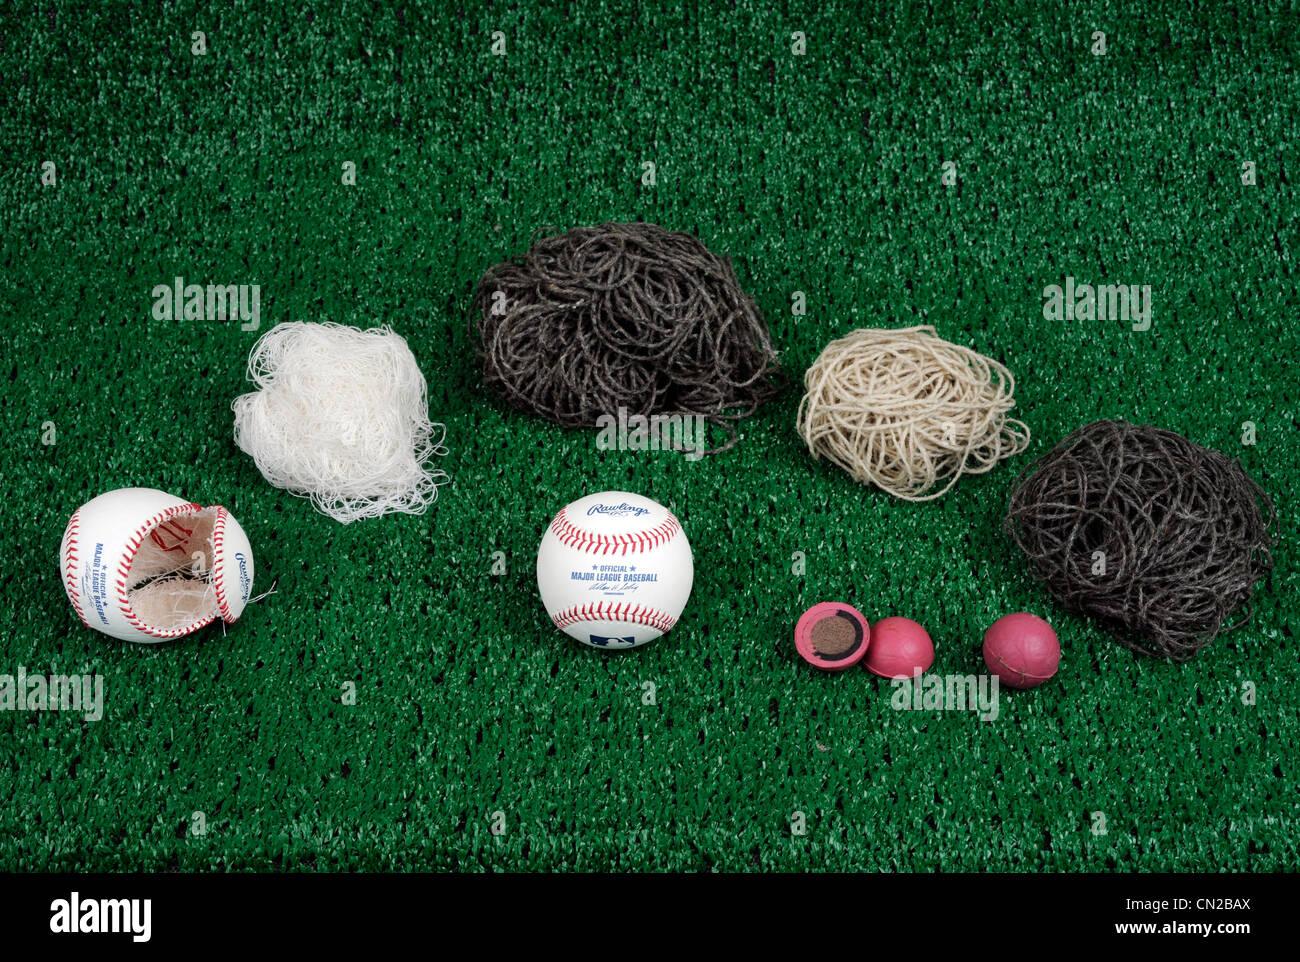 Decostruzione di una major league baseball fatta da Rawlings. Immagini Stock